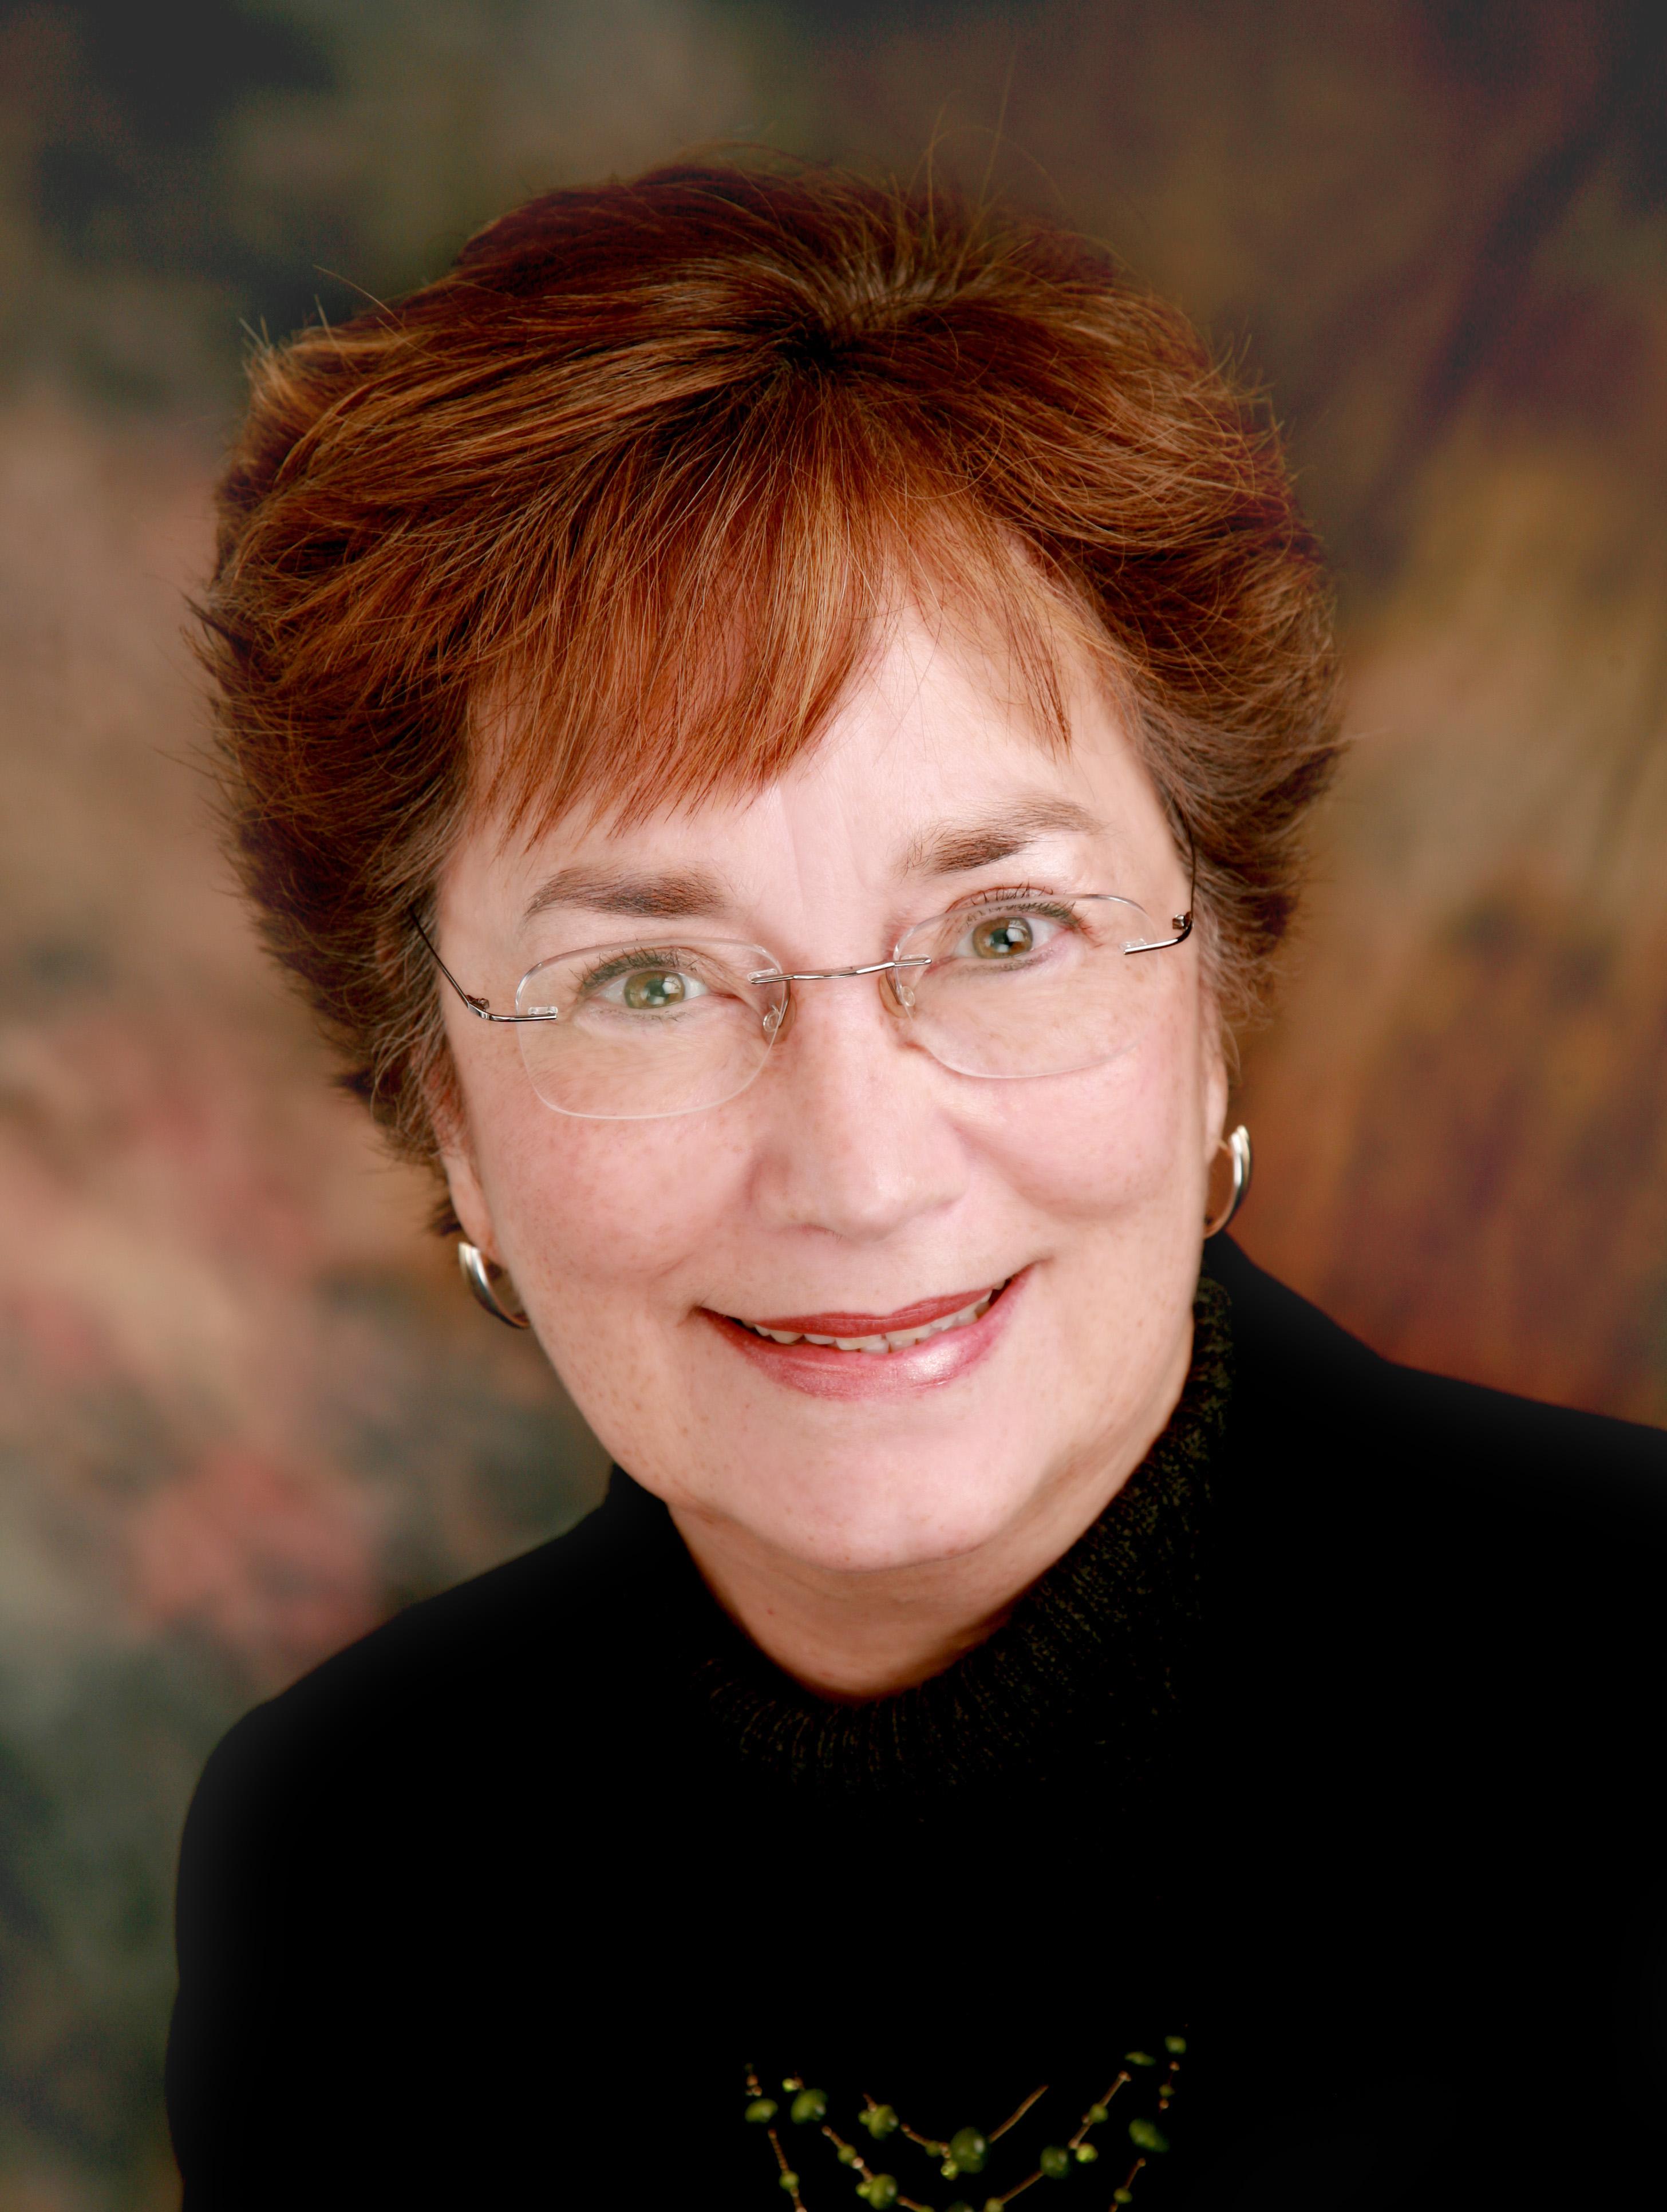 Lynn McGinley